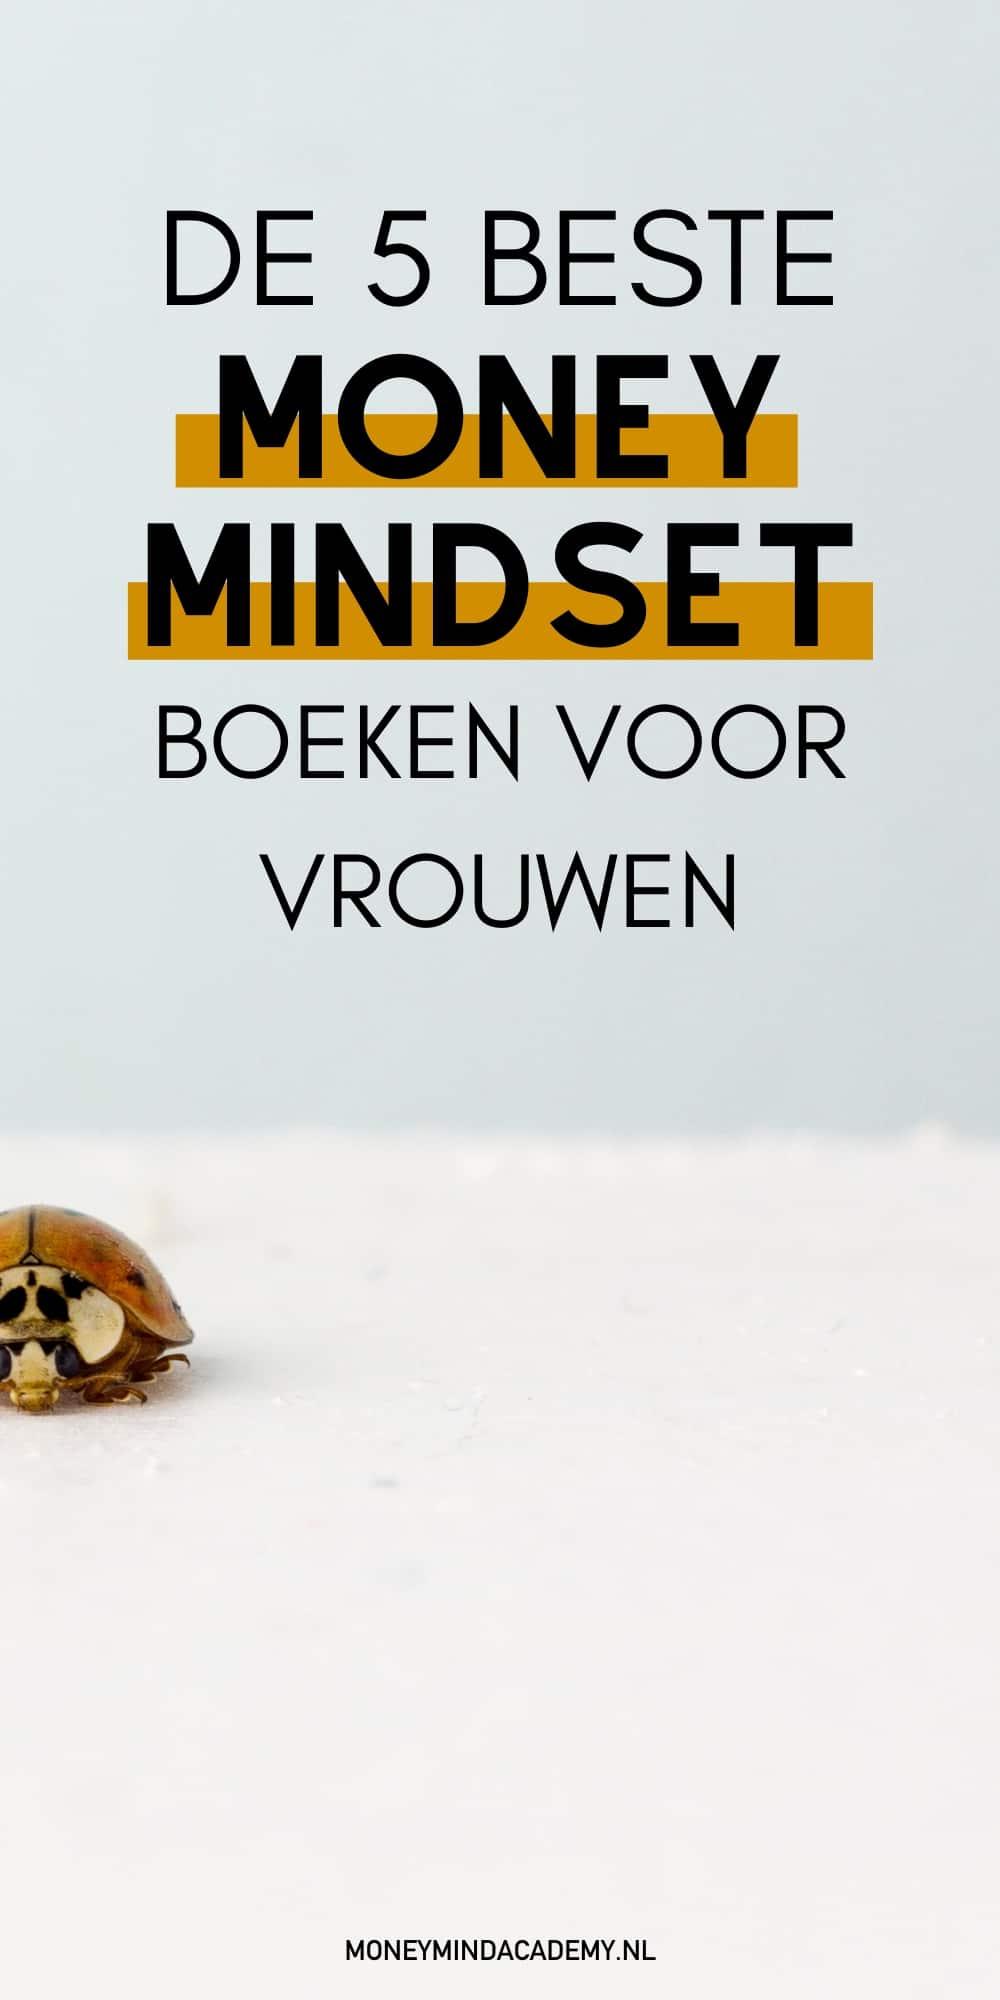 beste money mindset boeken voor vrouwen